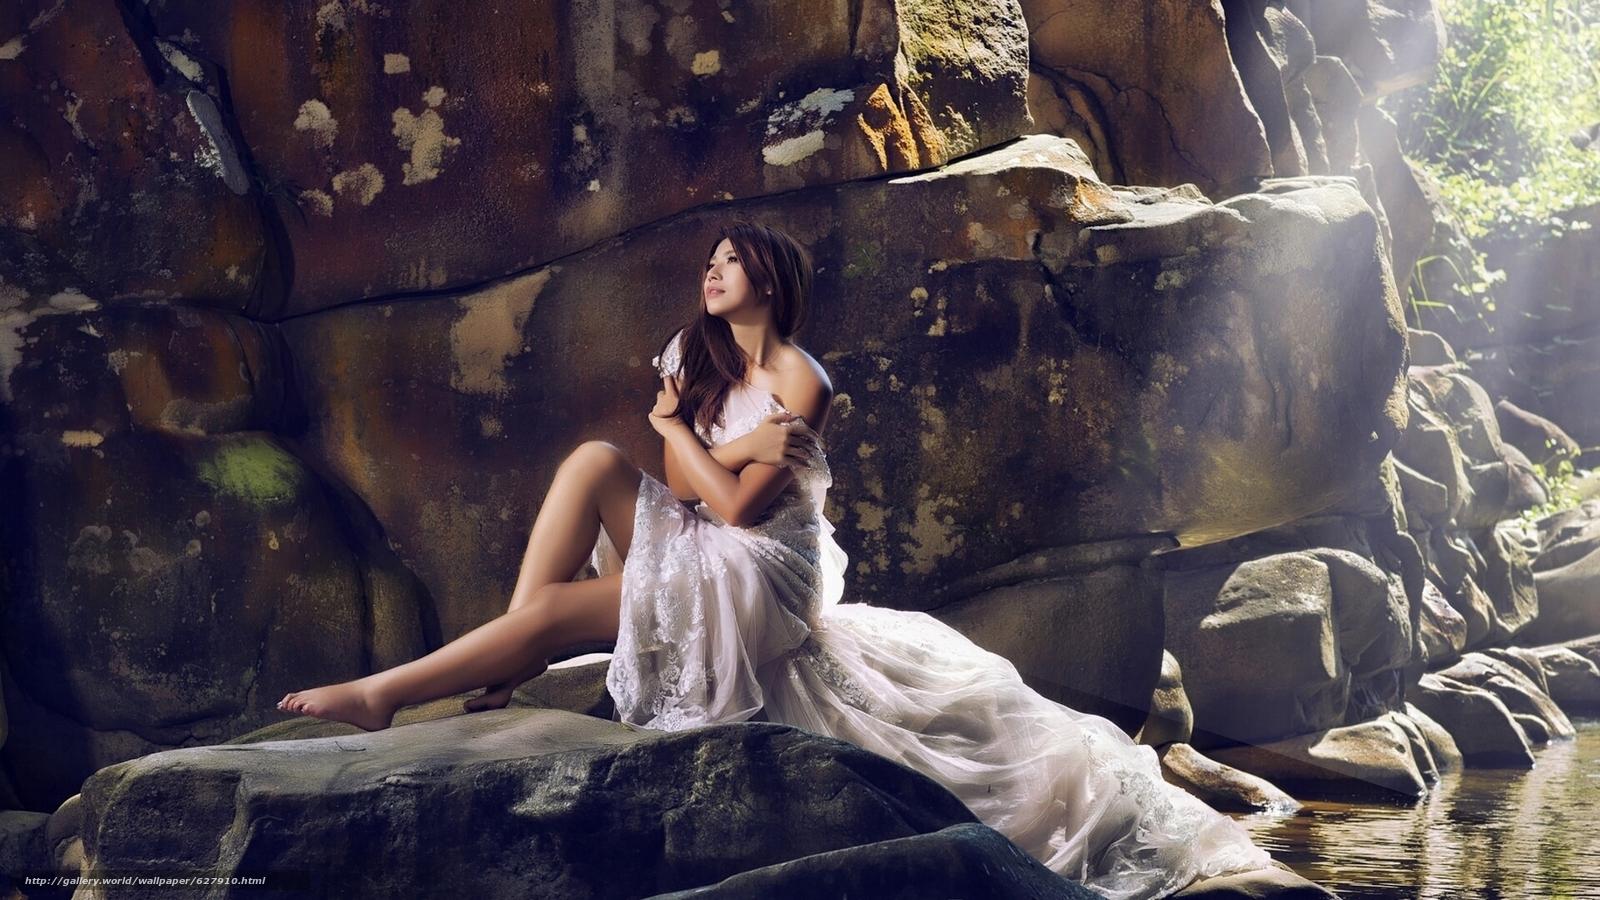 Скачать на телефон обои фото картинку на тему азиатка, невеста, платье, настроение, камни, разширение 1920x1080